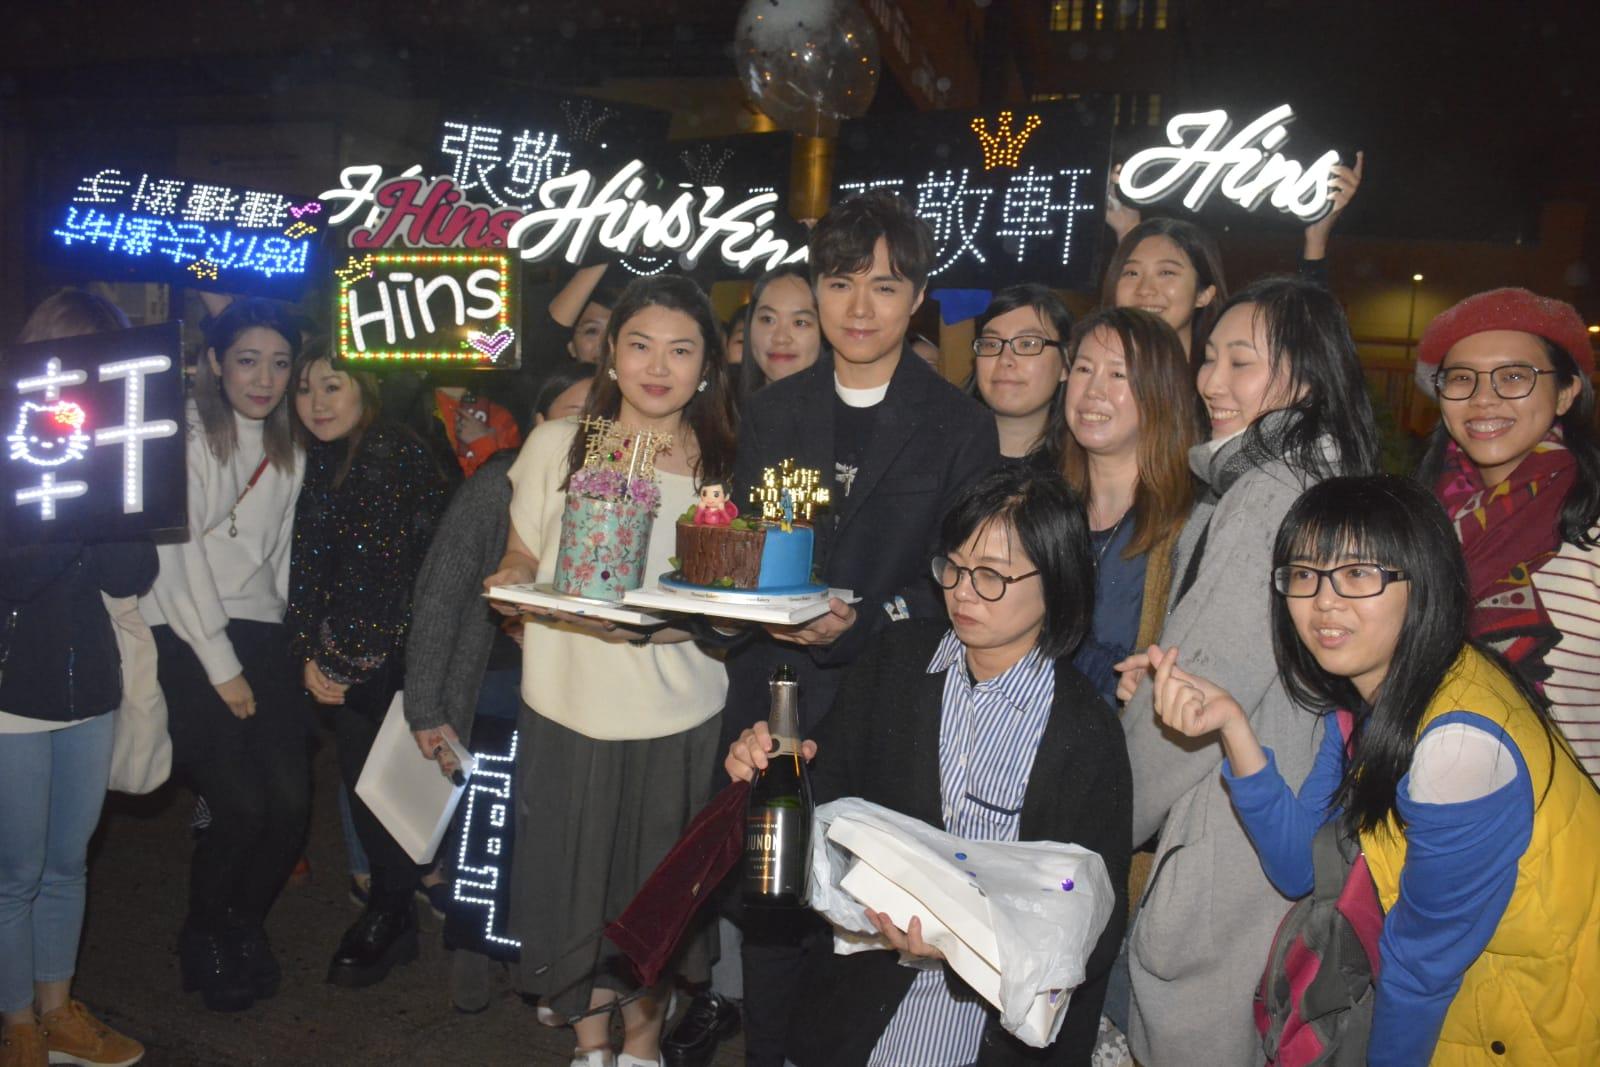 大批fans在場外與張敬軒慶祝。